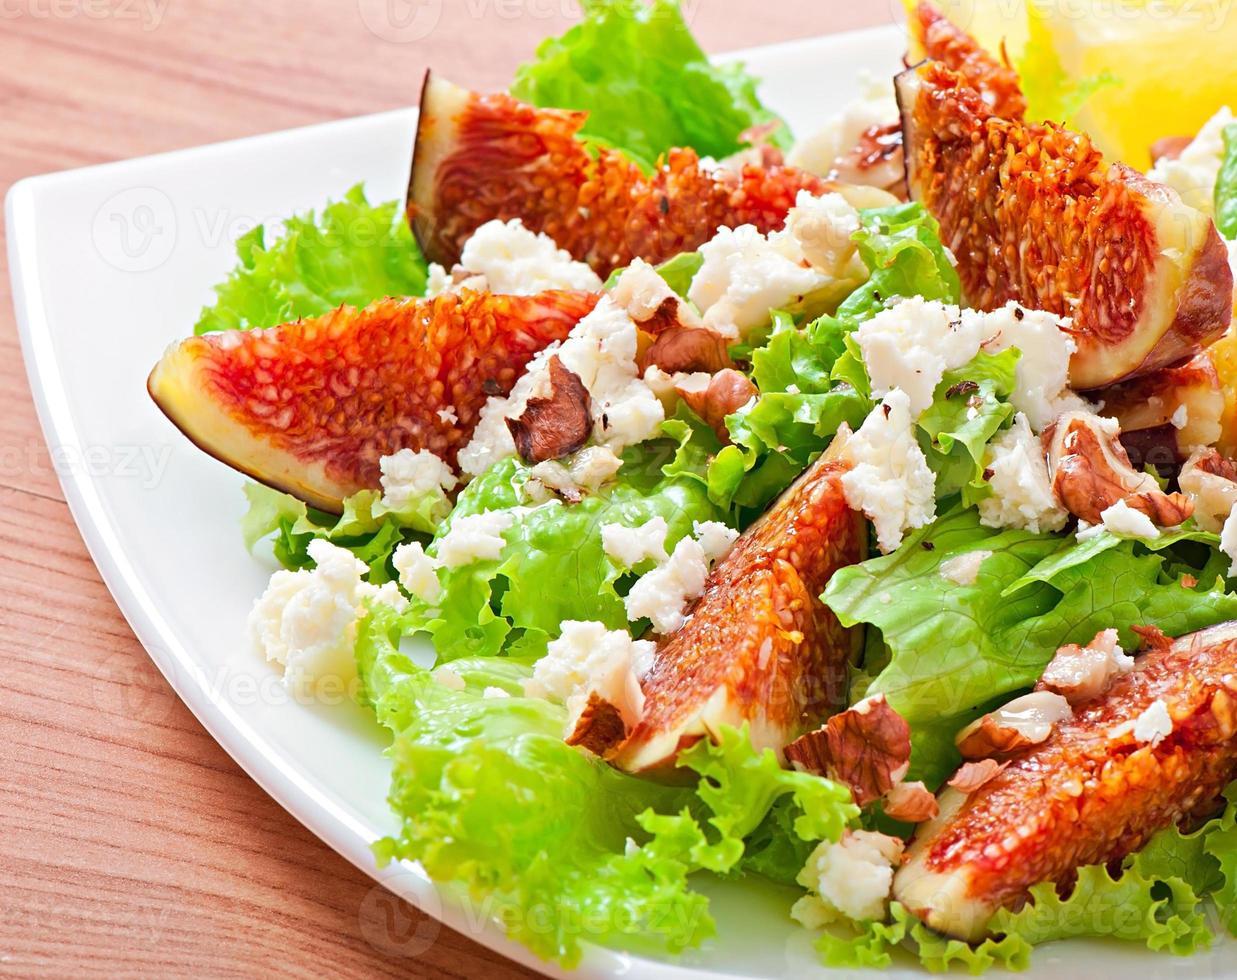 insalata verde con fichi, formaggio e noci foto